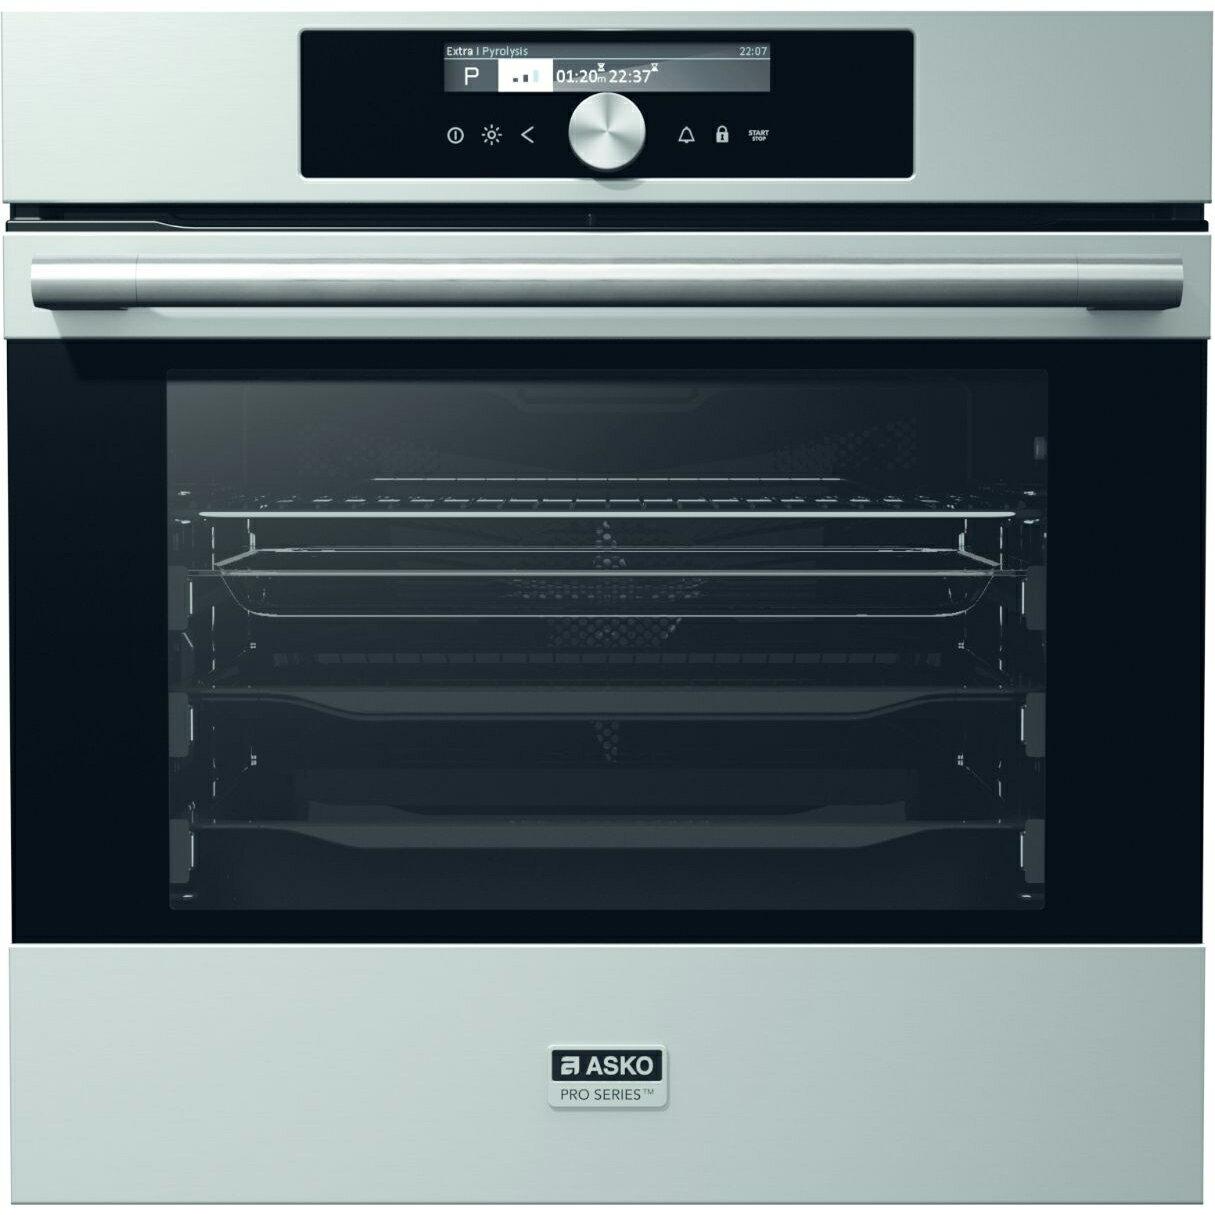 [滿3千,10%點數回饋]ASKO 瑞典賽寧 Pro系列73公升嵌入式熱自解烤箱 OP8656S 【送標準安裝】【雅光電器】